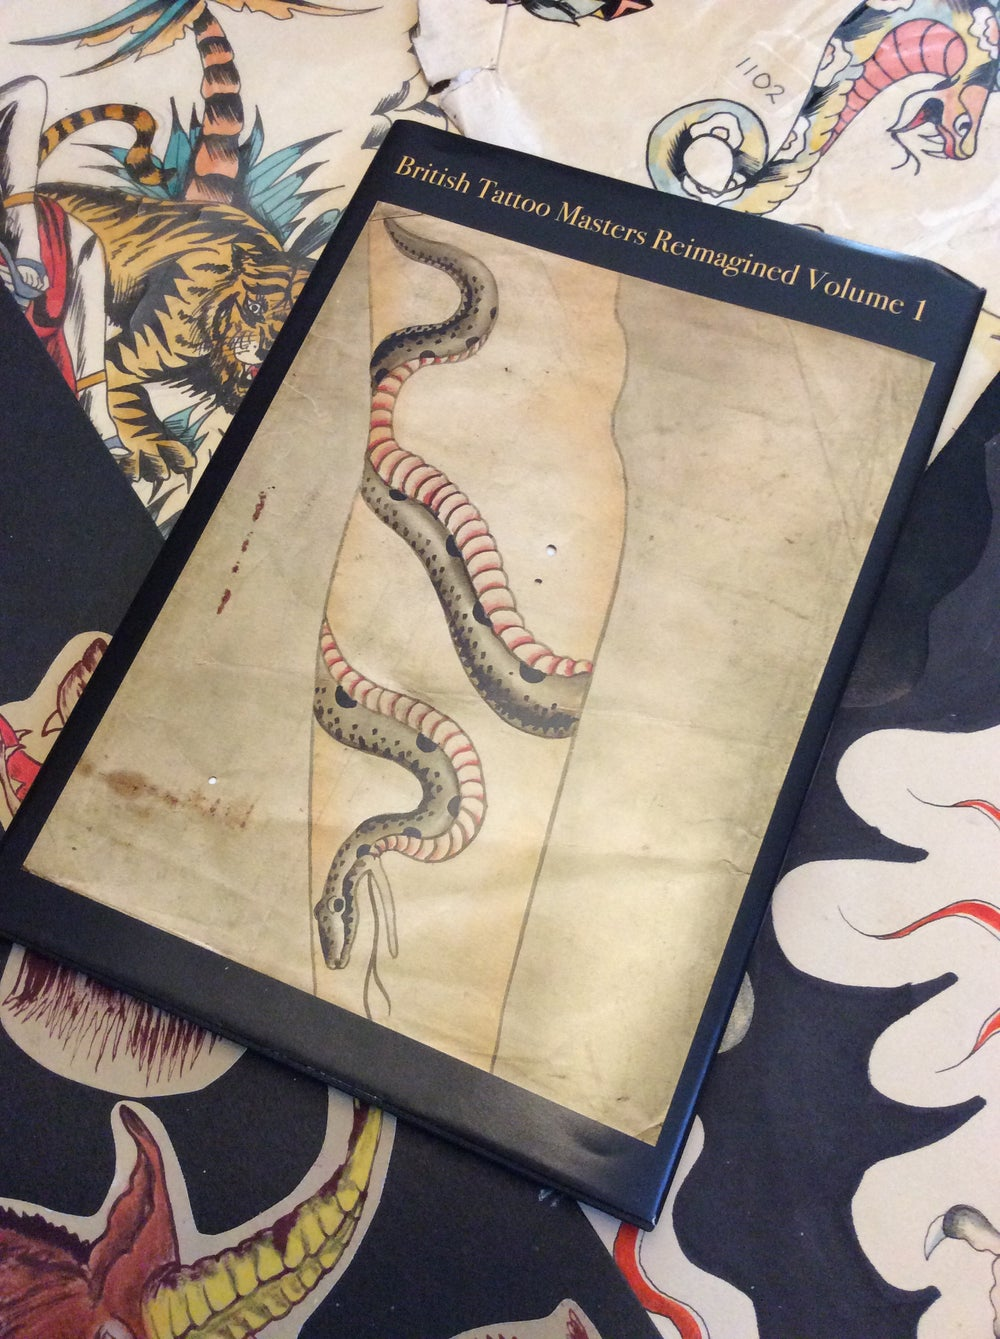 Image of British Tattoo Masters Volume 1